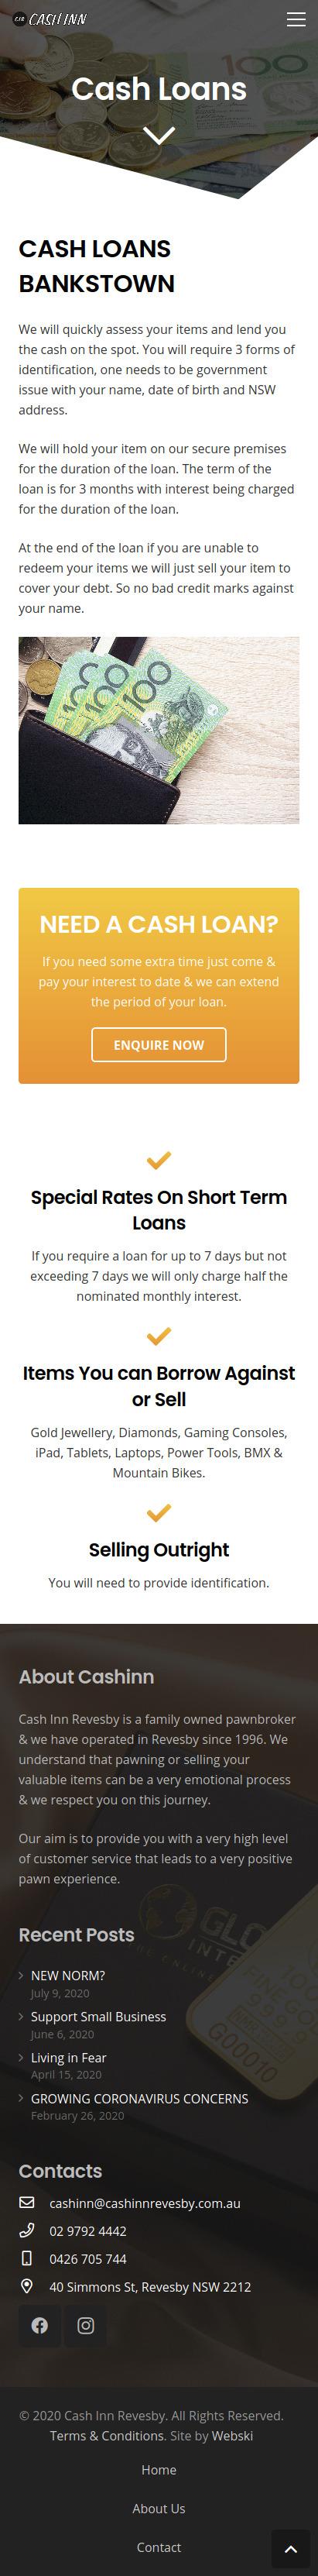 Cash Loan Web Design